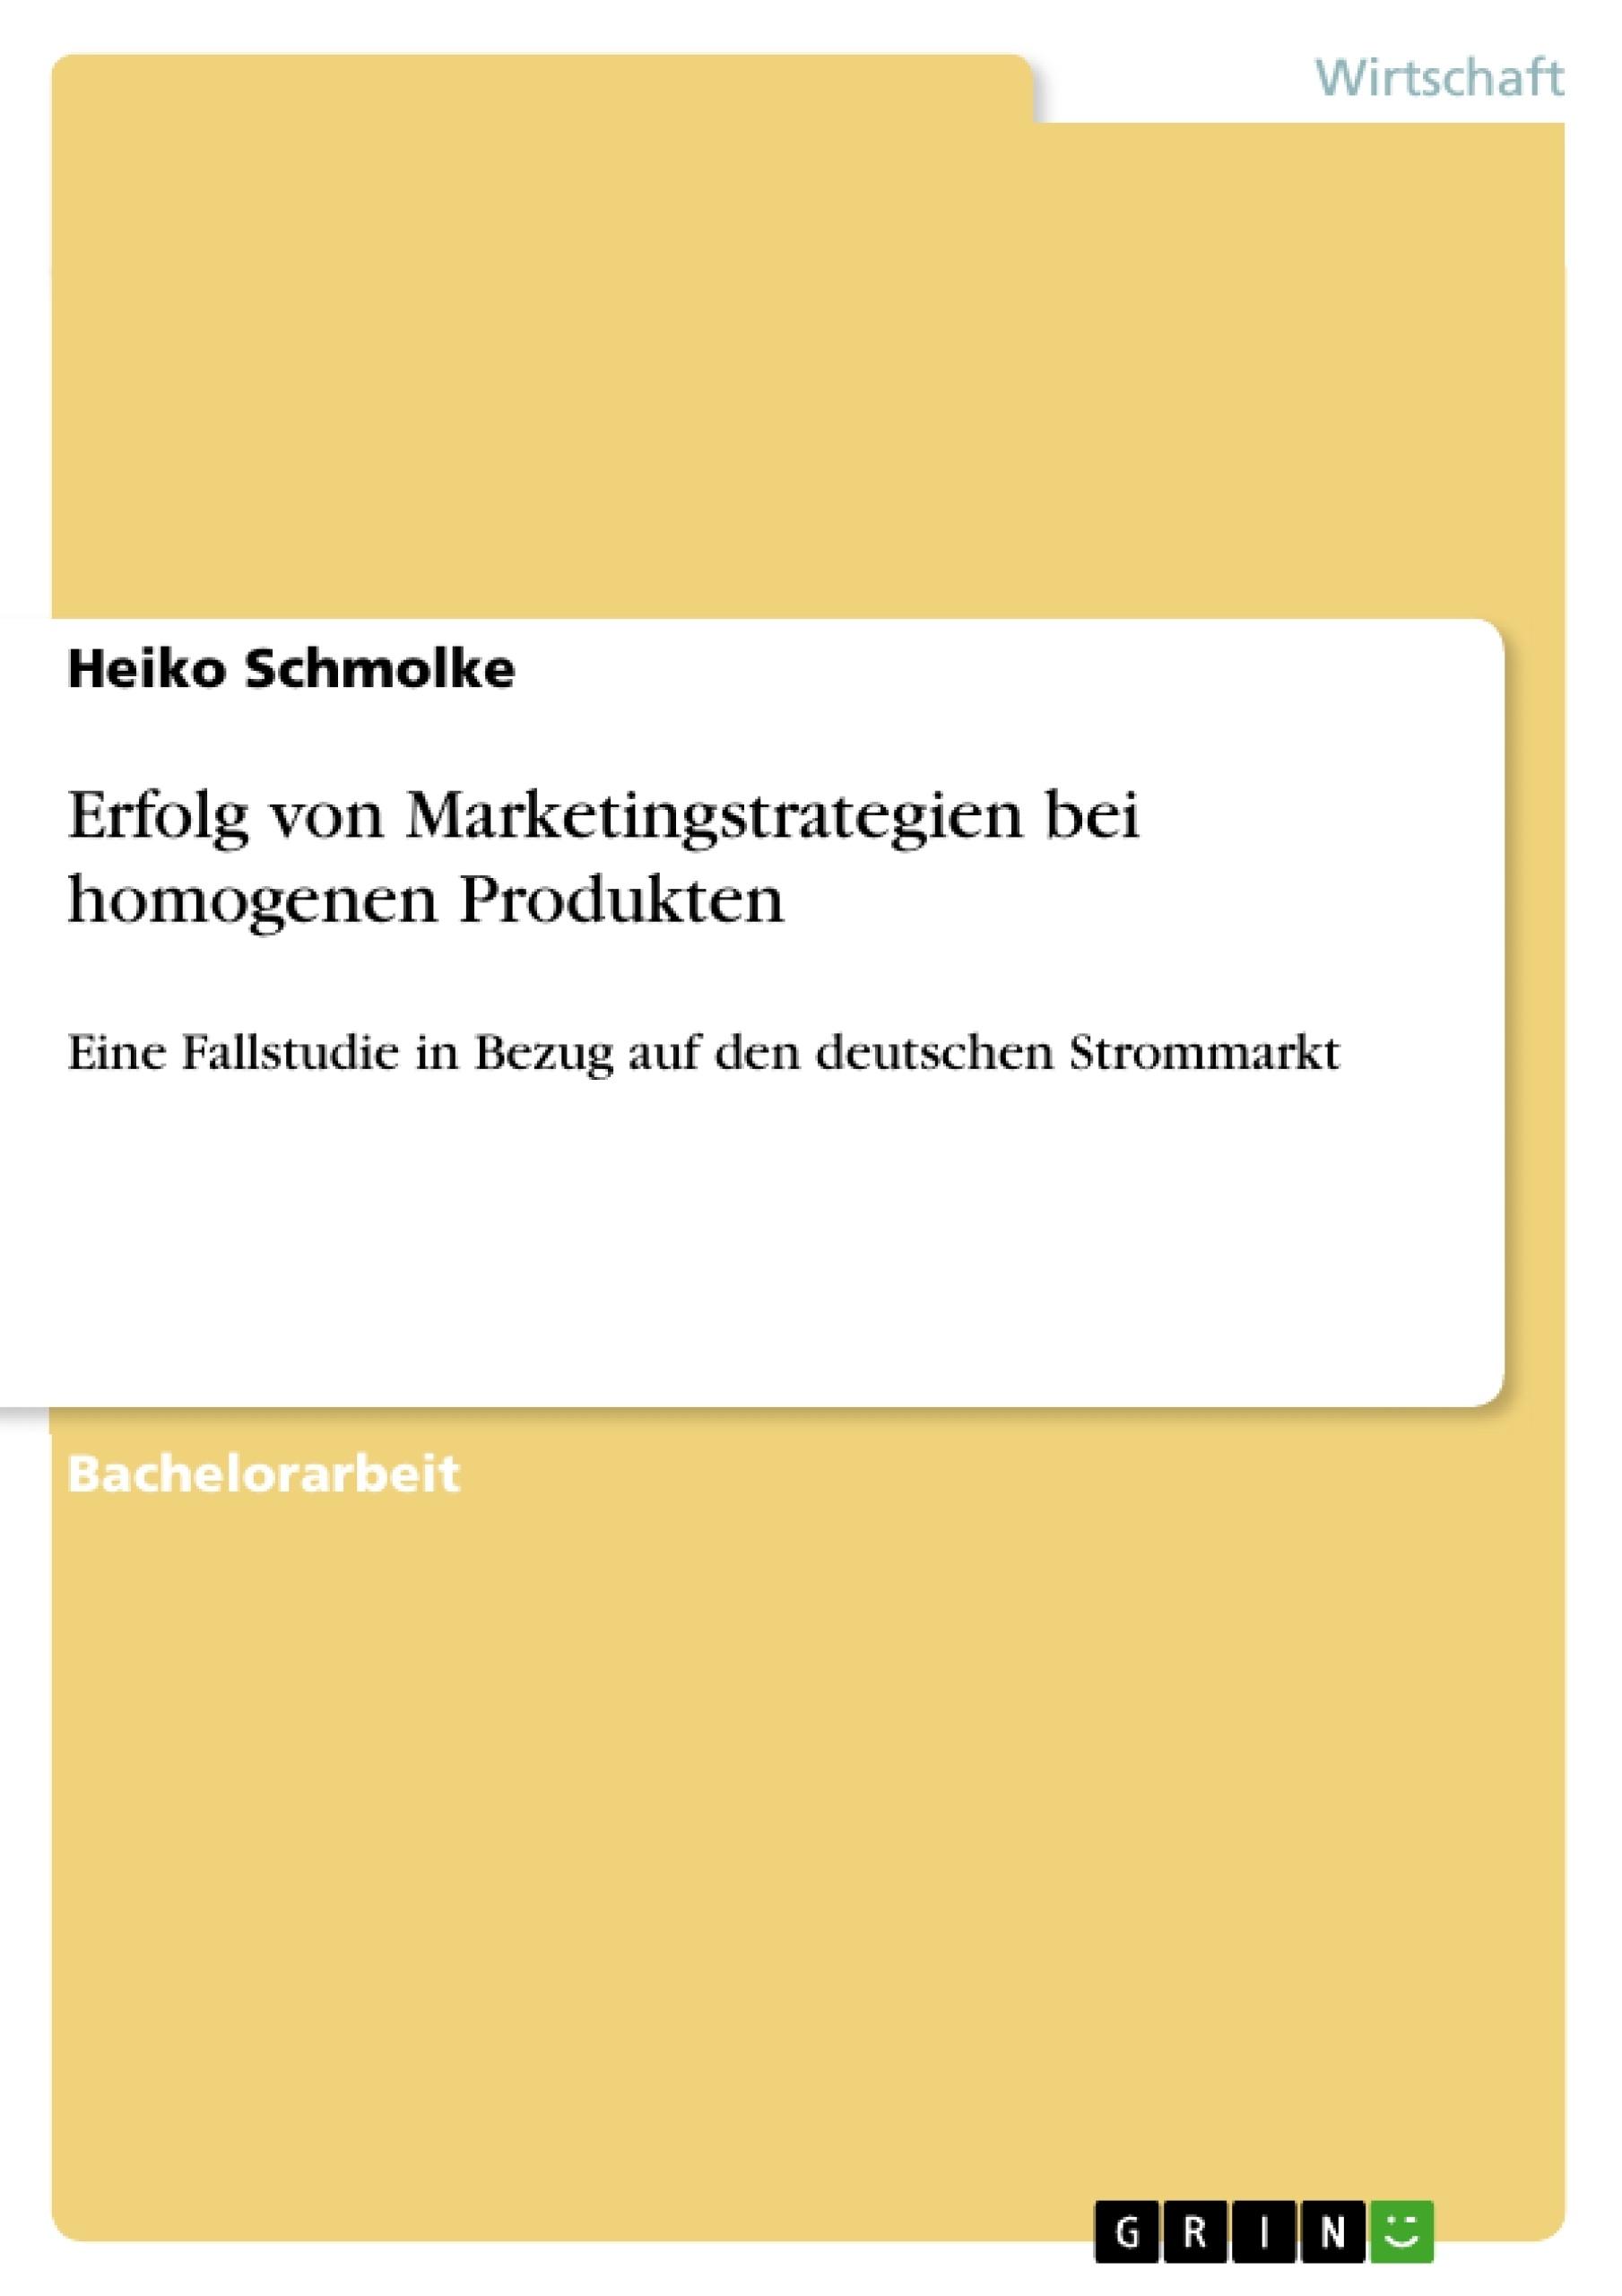 Titel: Erfolg von Marketingstrategien  bei homogenen Produkten